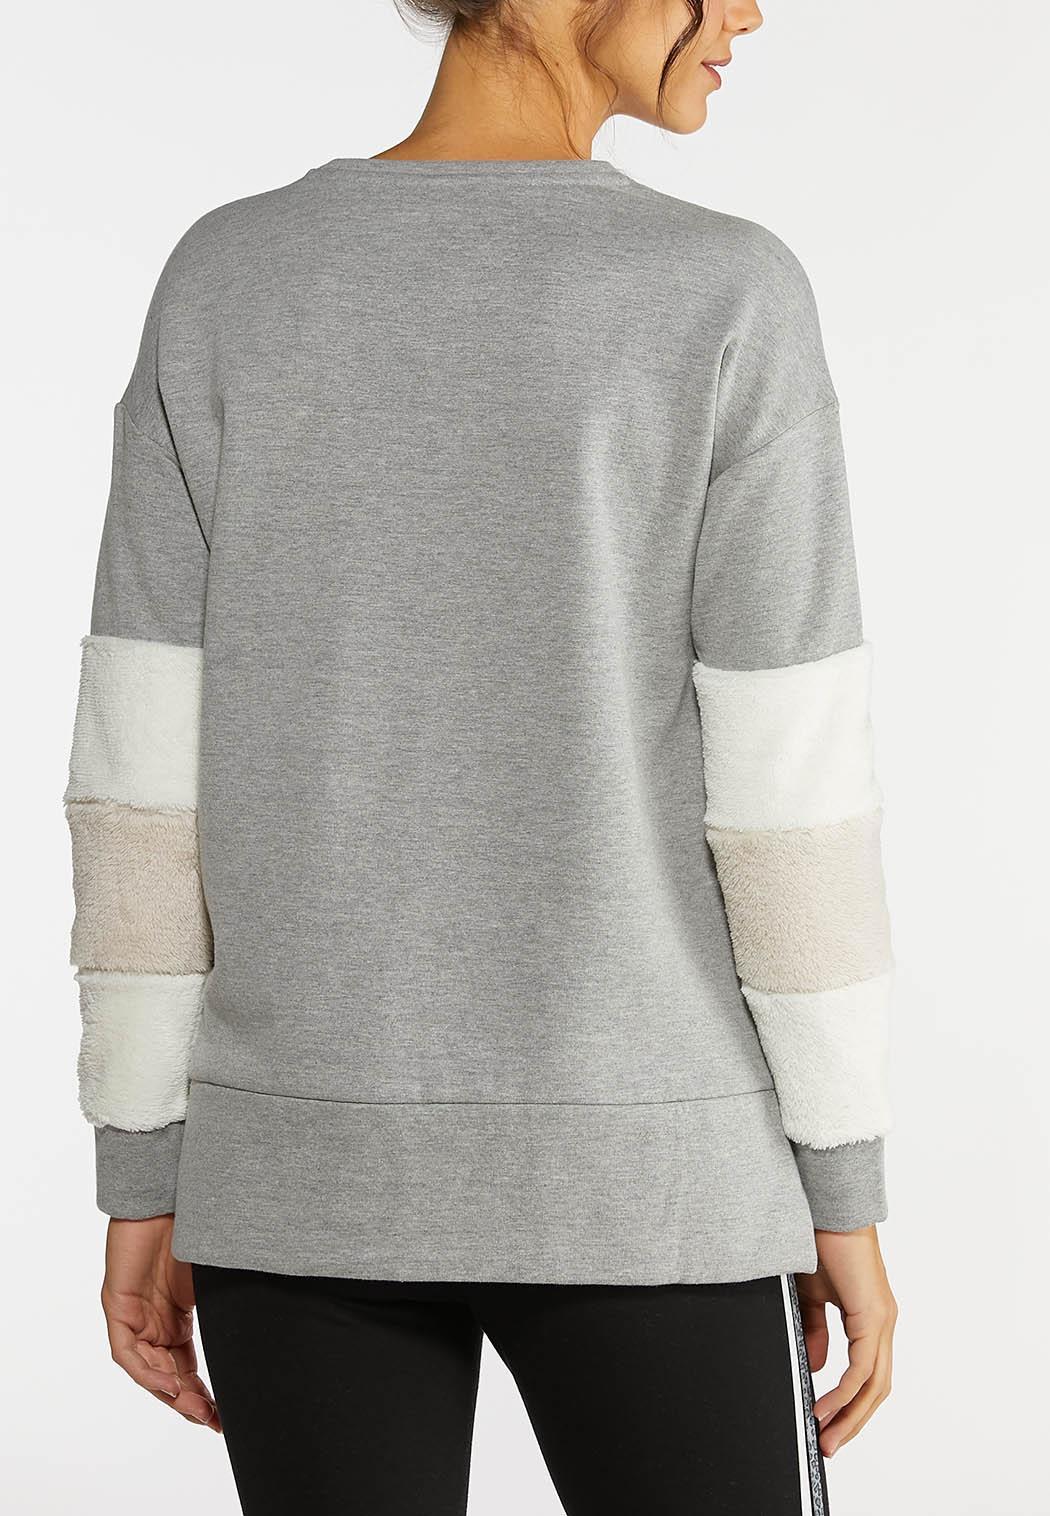 Plus Size Fur Cuff Sweatshirt (Item #44020978)